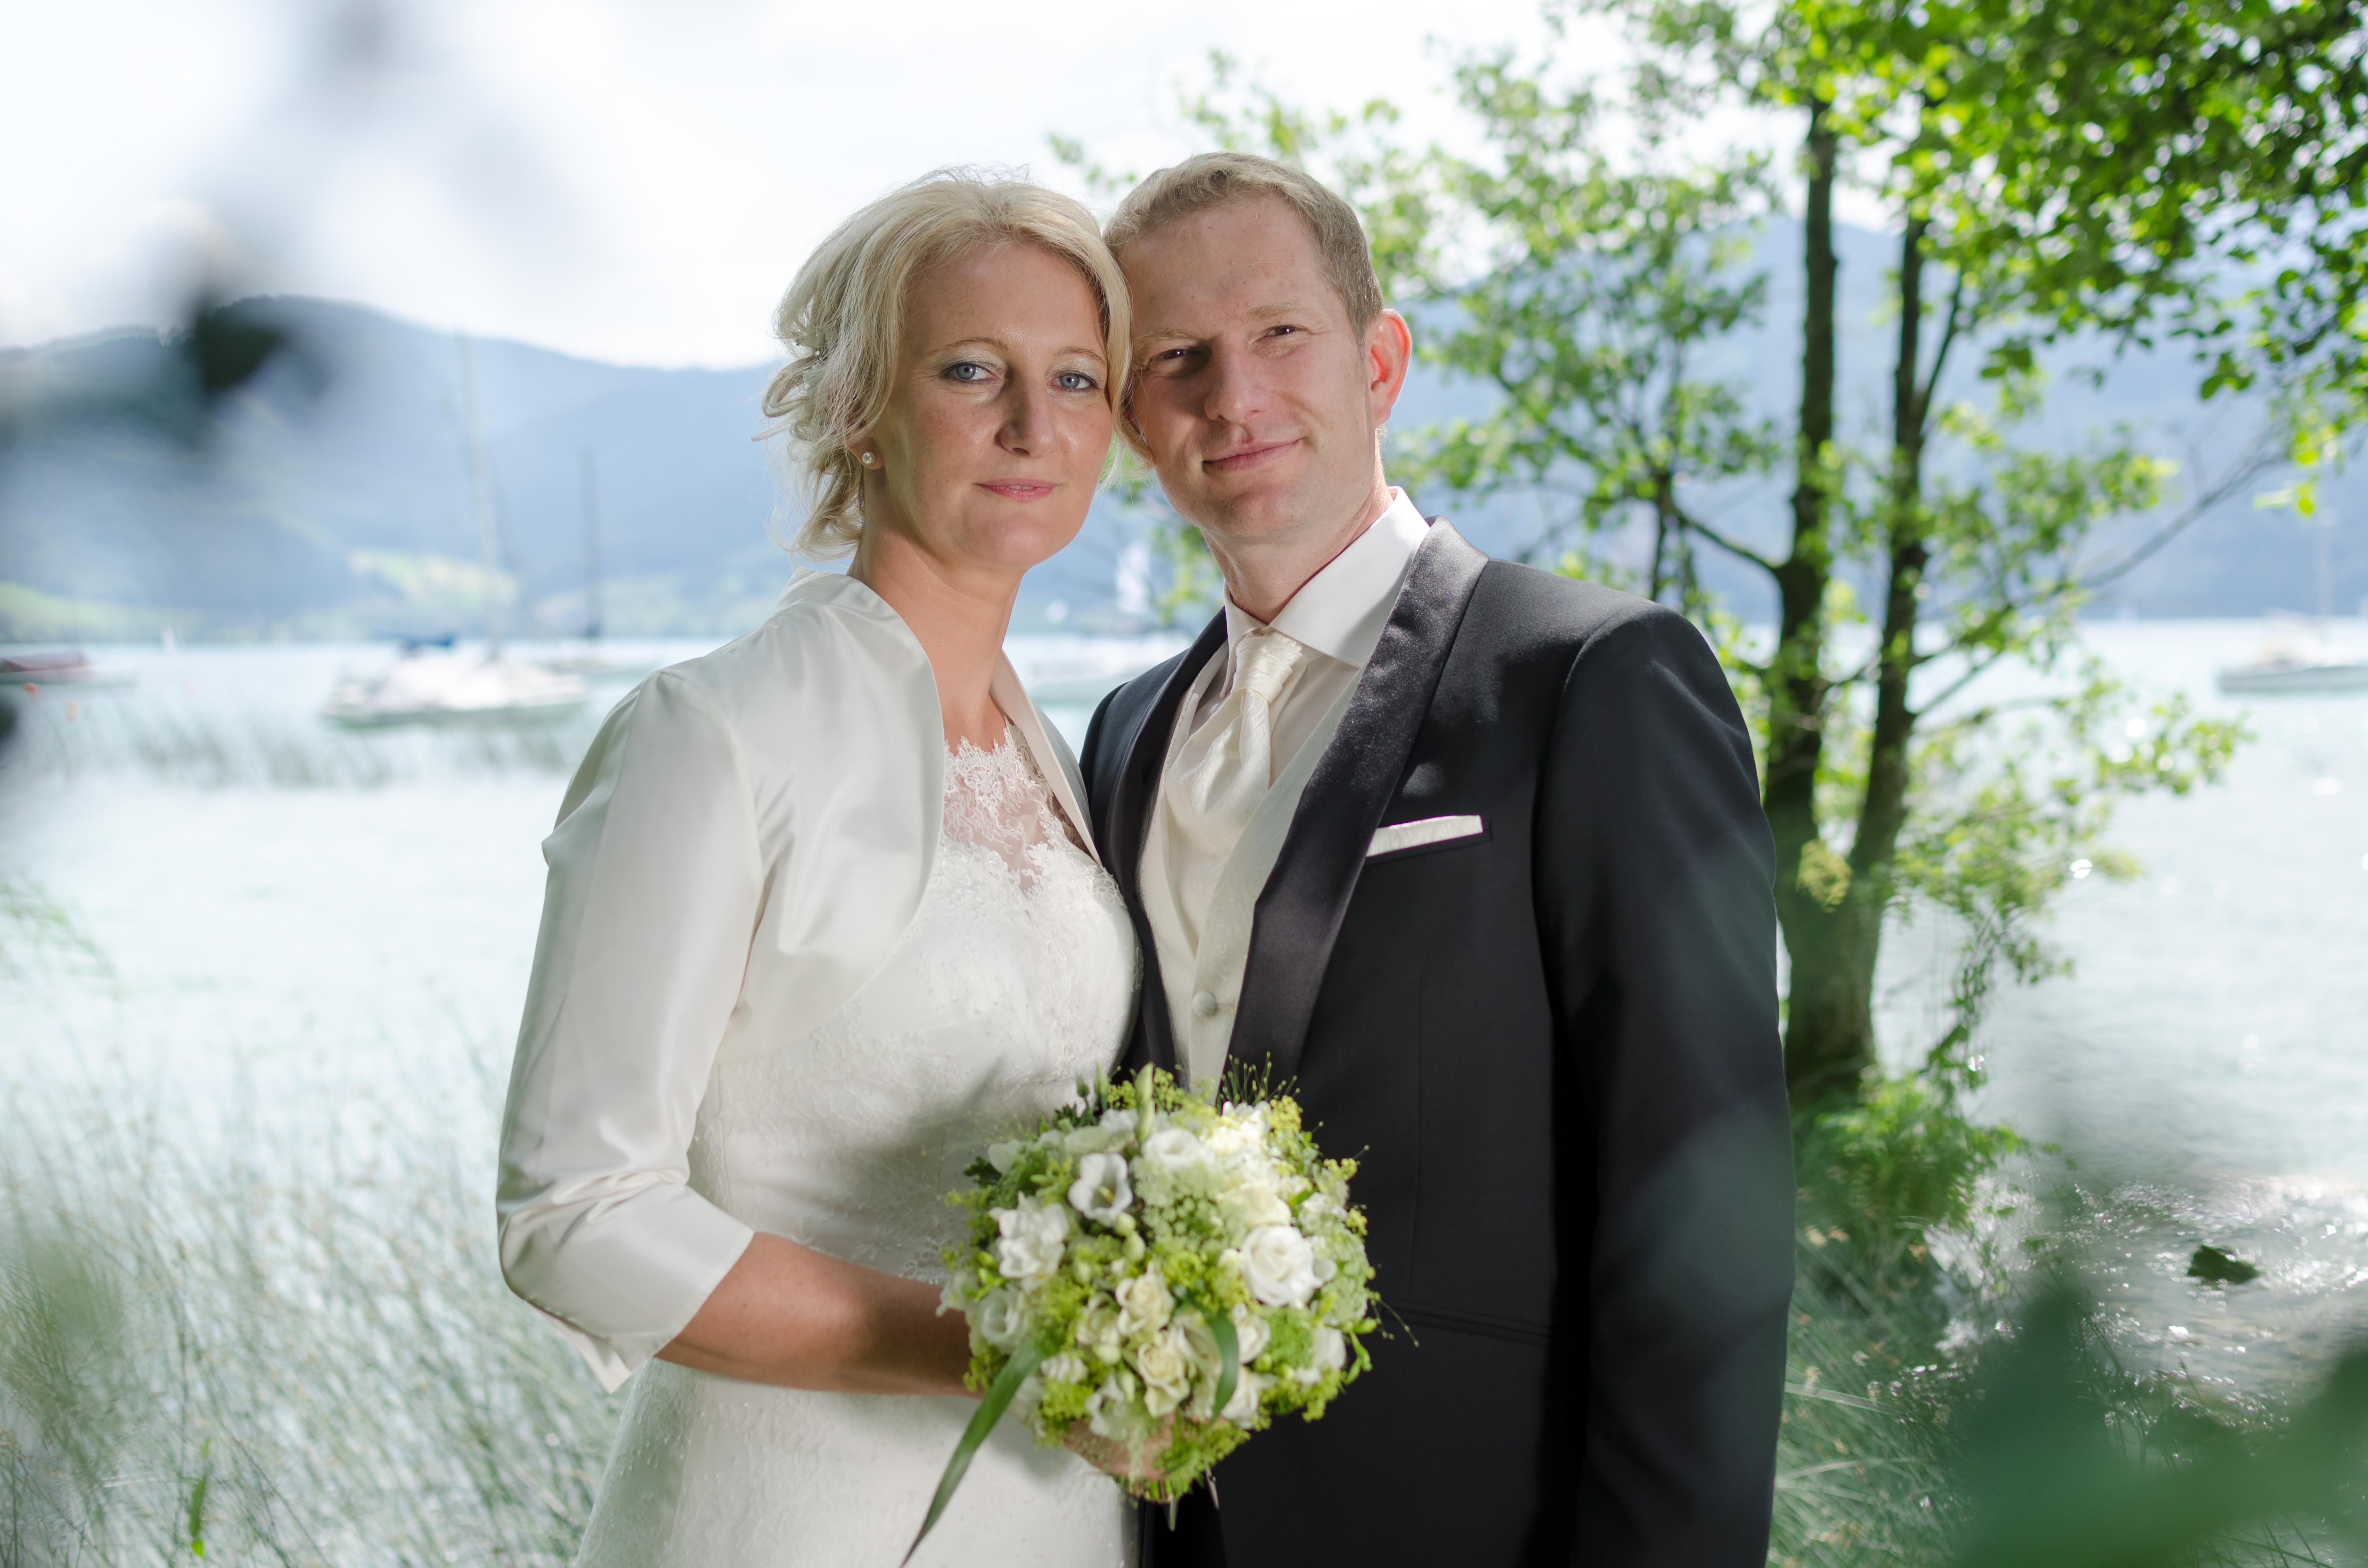 Christine&Gerhard_Hochzeit_Portrait_093_StephanSchreinerPhotography Kopie